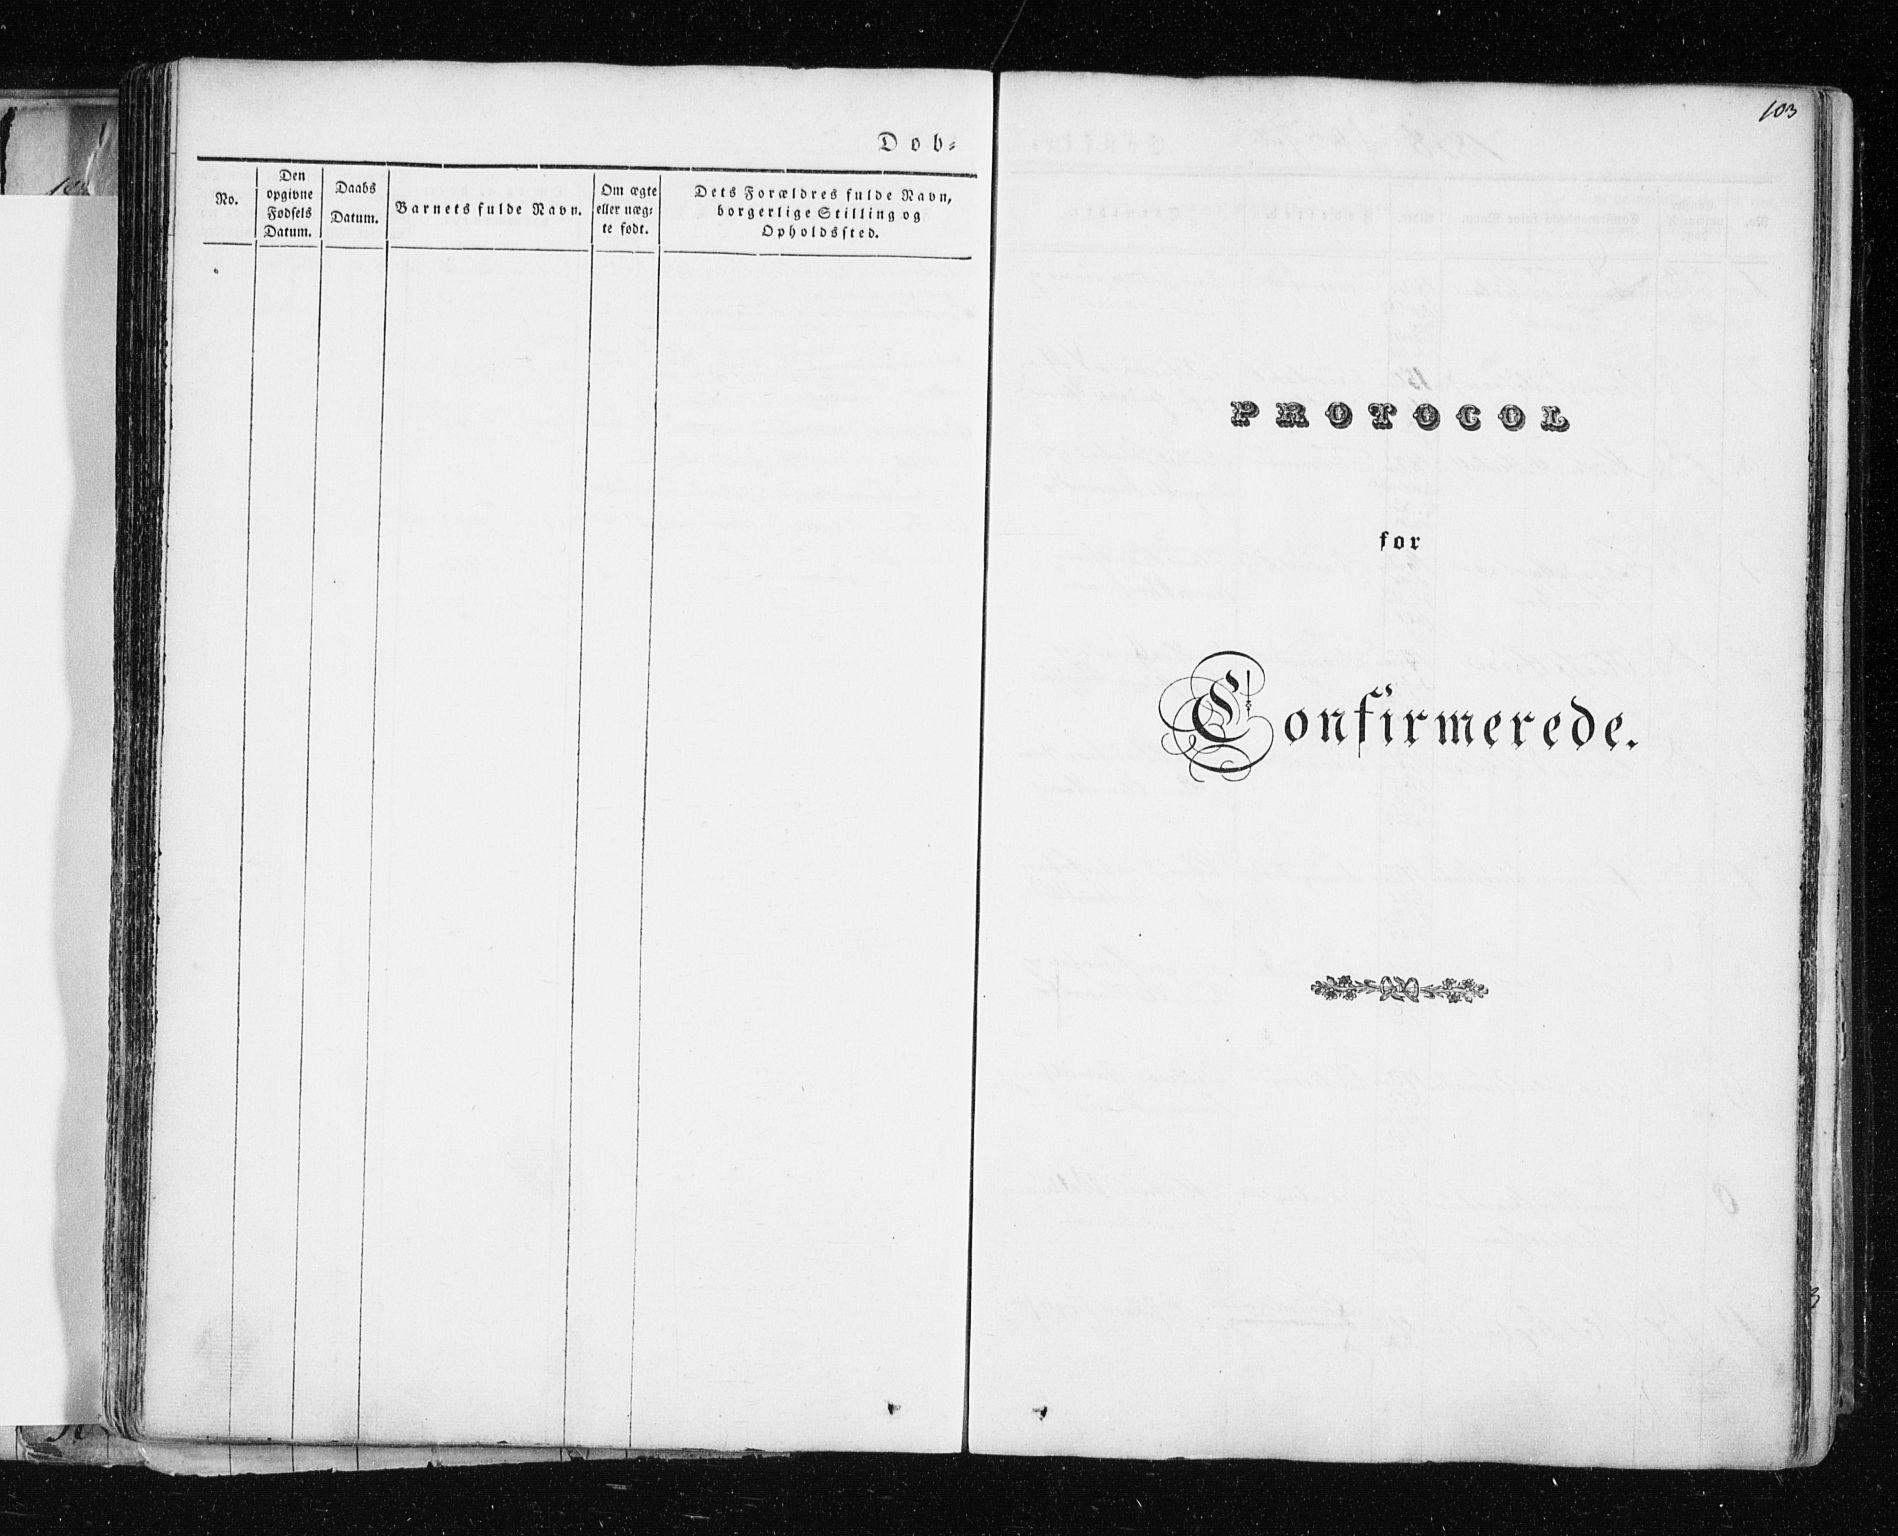 SATØ, Tromsø sokneprestkontor/stiftsprosti/domprosti, G/Ga/L0009kirke: Ministerialbok nr. 9, 1837-1847, s. 103